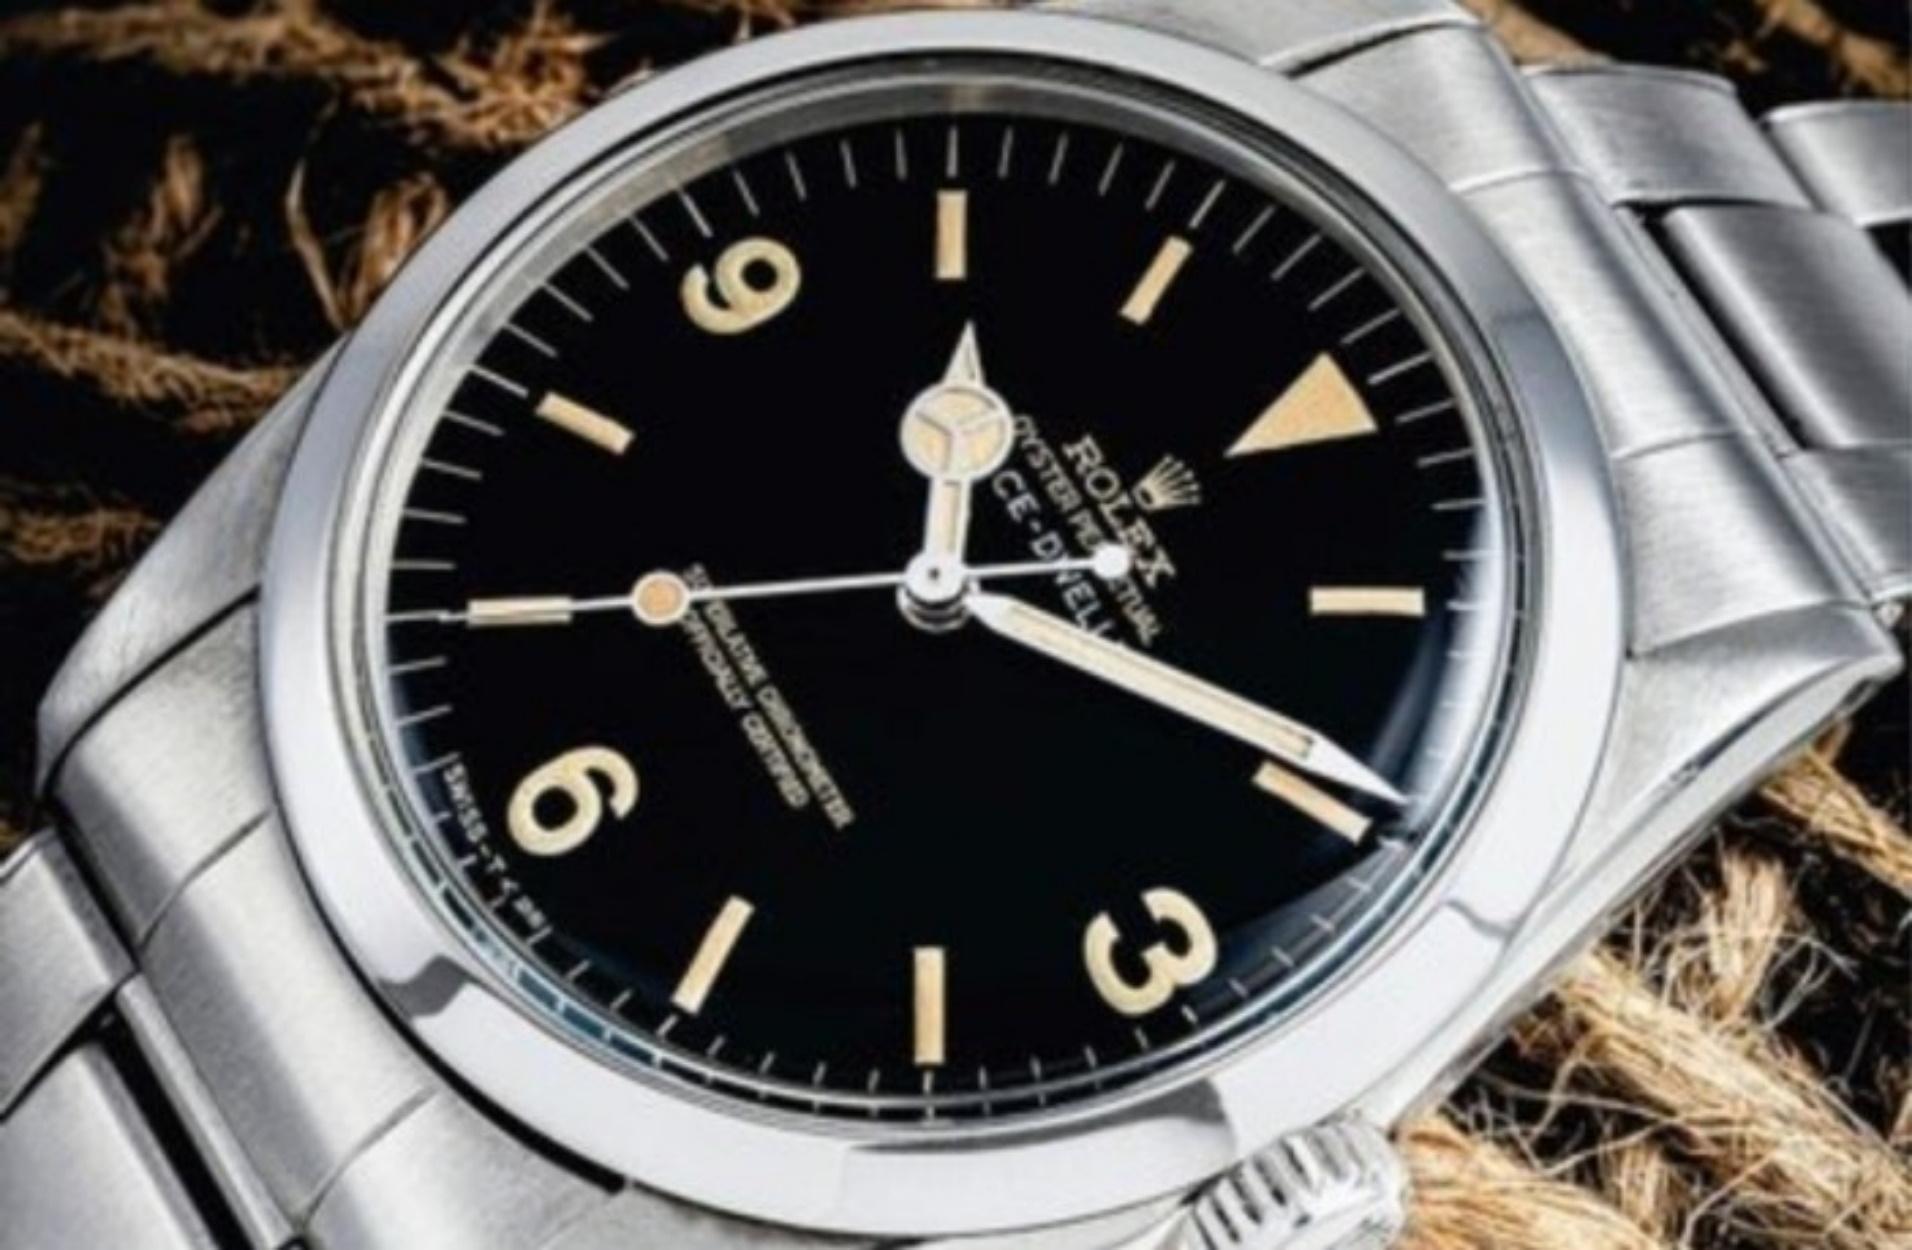 Ένα από τα πιο σπάνια και περιζήτητα ρολόγια της Rolex